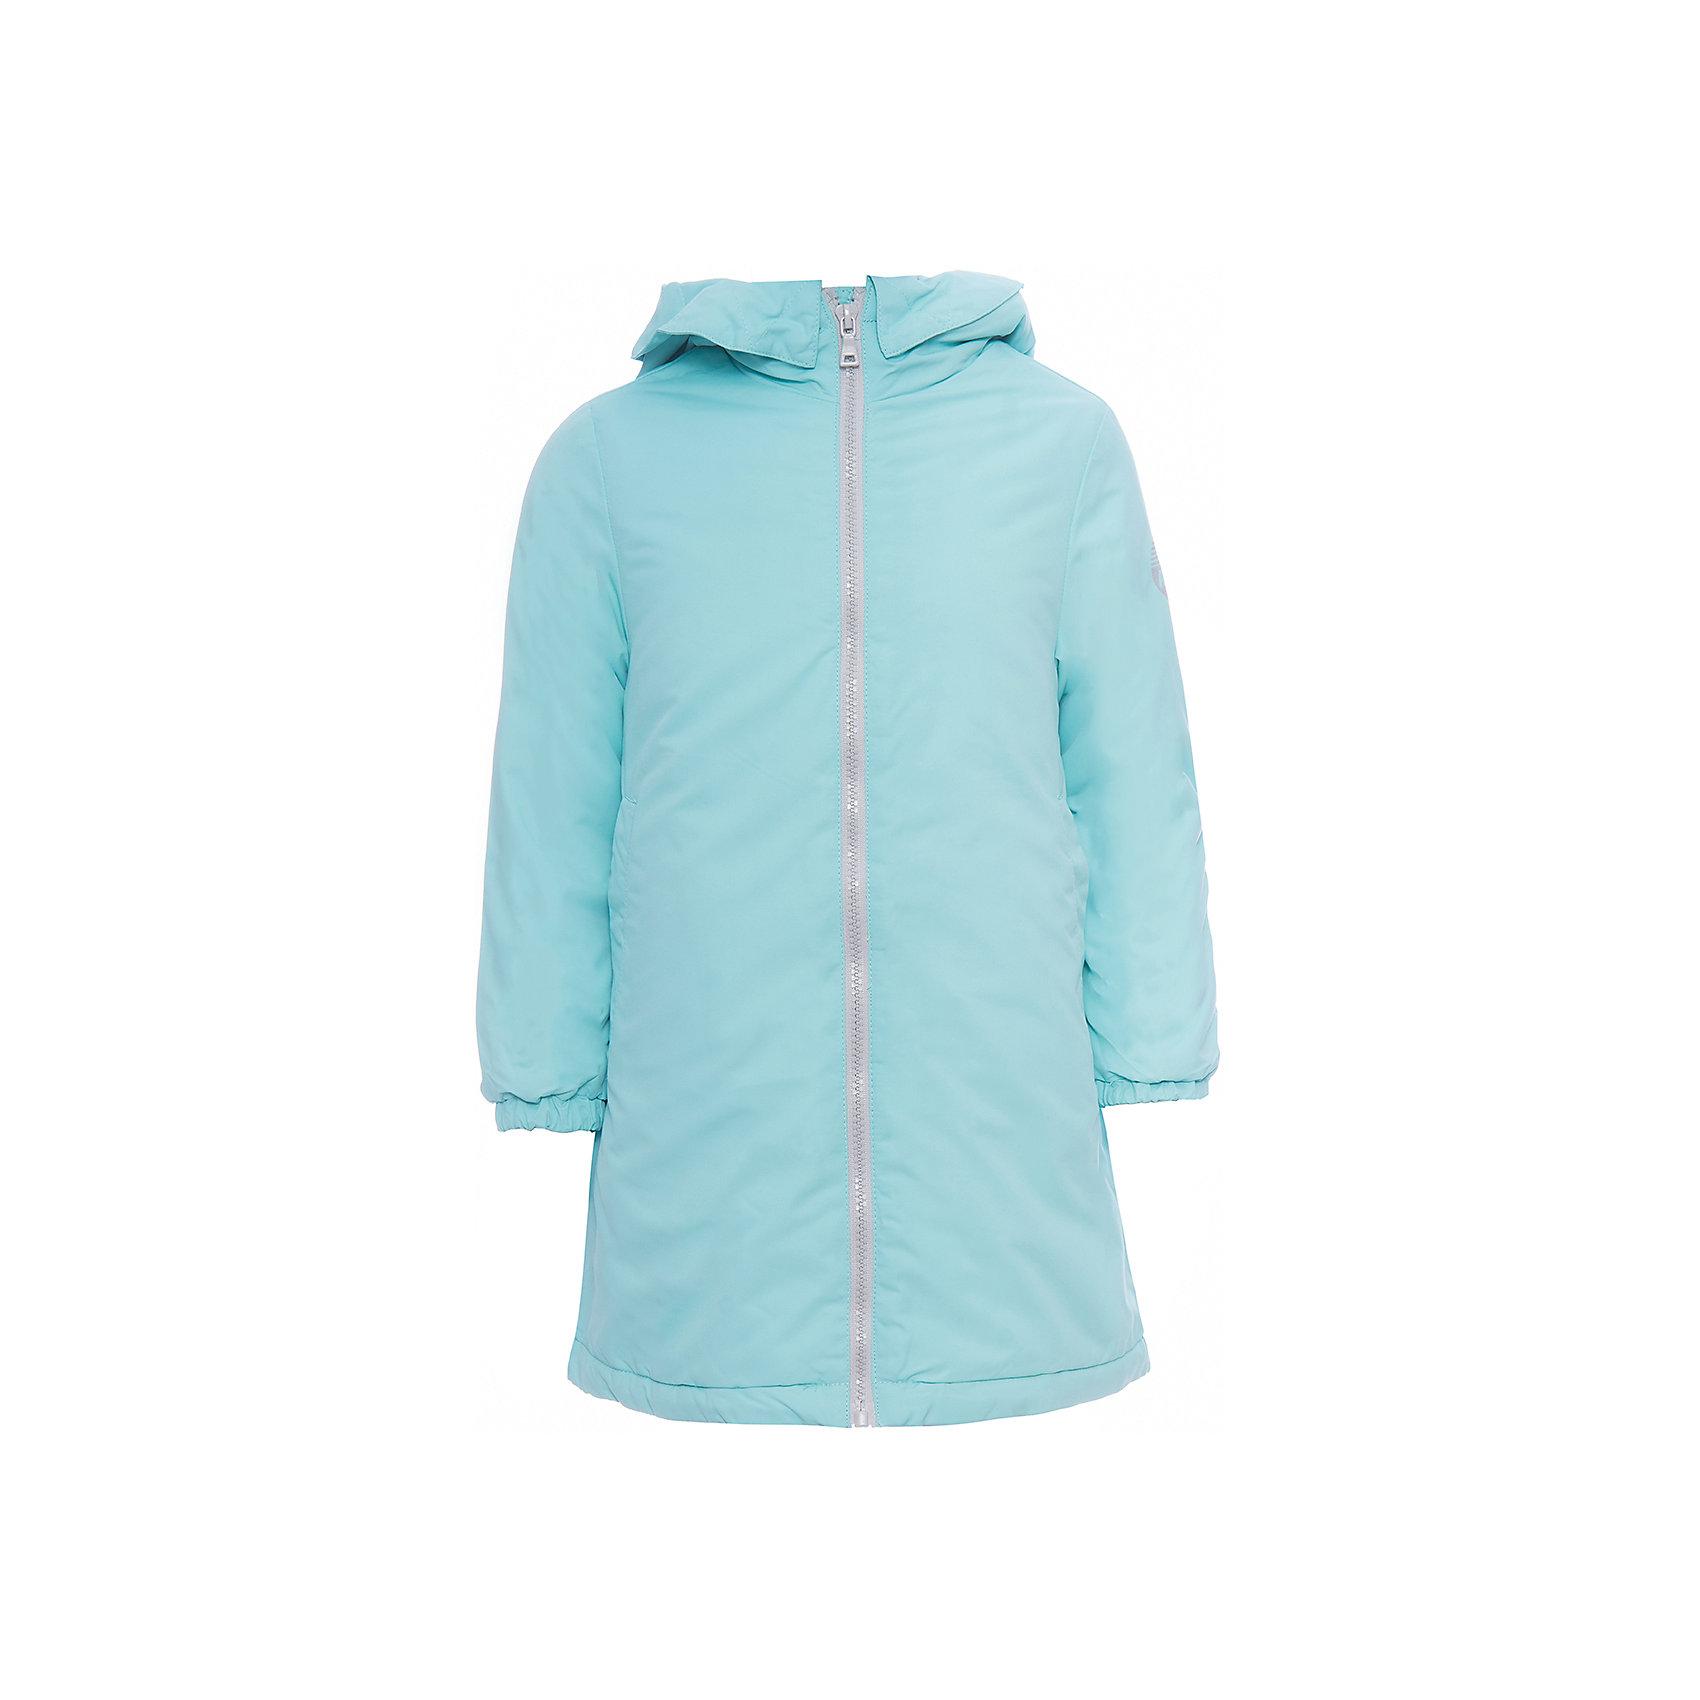 Пальто SELA для девочкиВерхняя одежда<br>Характеристики товара:<br><br>• цвет: голубой<br>• ткань верха: 100% полиэстер<br>• подкладка: 100% полиэстер<br>• утеплитель: 100% полиэстер<br>• сезон: демисезон<br>• температурный режим: от +5 до +15<br>• капюшон: без меха, съемный<br>• застежка: молния<br>• страна бренда: Россия<br>• страна изготовитель: Китай<br><br>Практичное и модное пальто для девочки от Sela поможет обеспечить ребенку тепло и комфорт. Такое детское пальто отличается лаконичным дизайном. В демисезонном пальто ребенок будет чувствовать себя комфортно в прохладную погоду. <br><br>Пальто Sela (Села) для девочки можно купить в нашем интернет- магазине.<br><br>Ширина мм: 356<br>Глубина мм: 10<br>Высота мм: 245<br>Вес г: 519<br>Цвет: голубой<br>Возраст от месяцев: 24<br>Возраст до месяцев: 36<br>Пол: Женский<br>Возраст: Детский<br>Размер: 98,116,110,104<br>SKU: 7136636